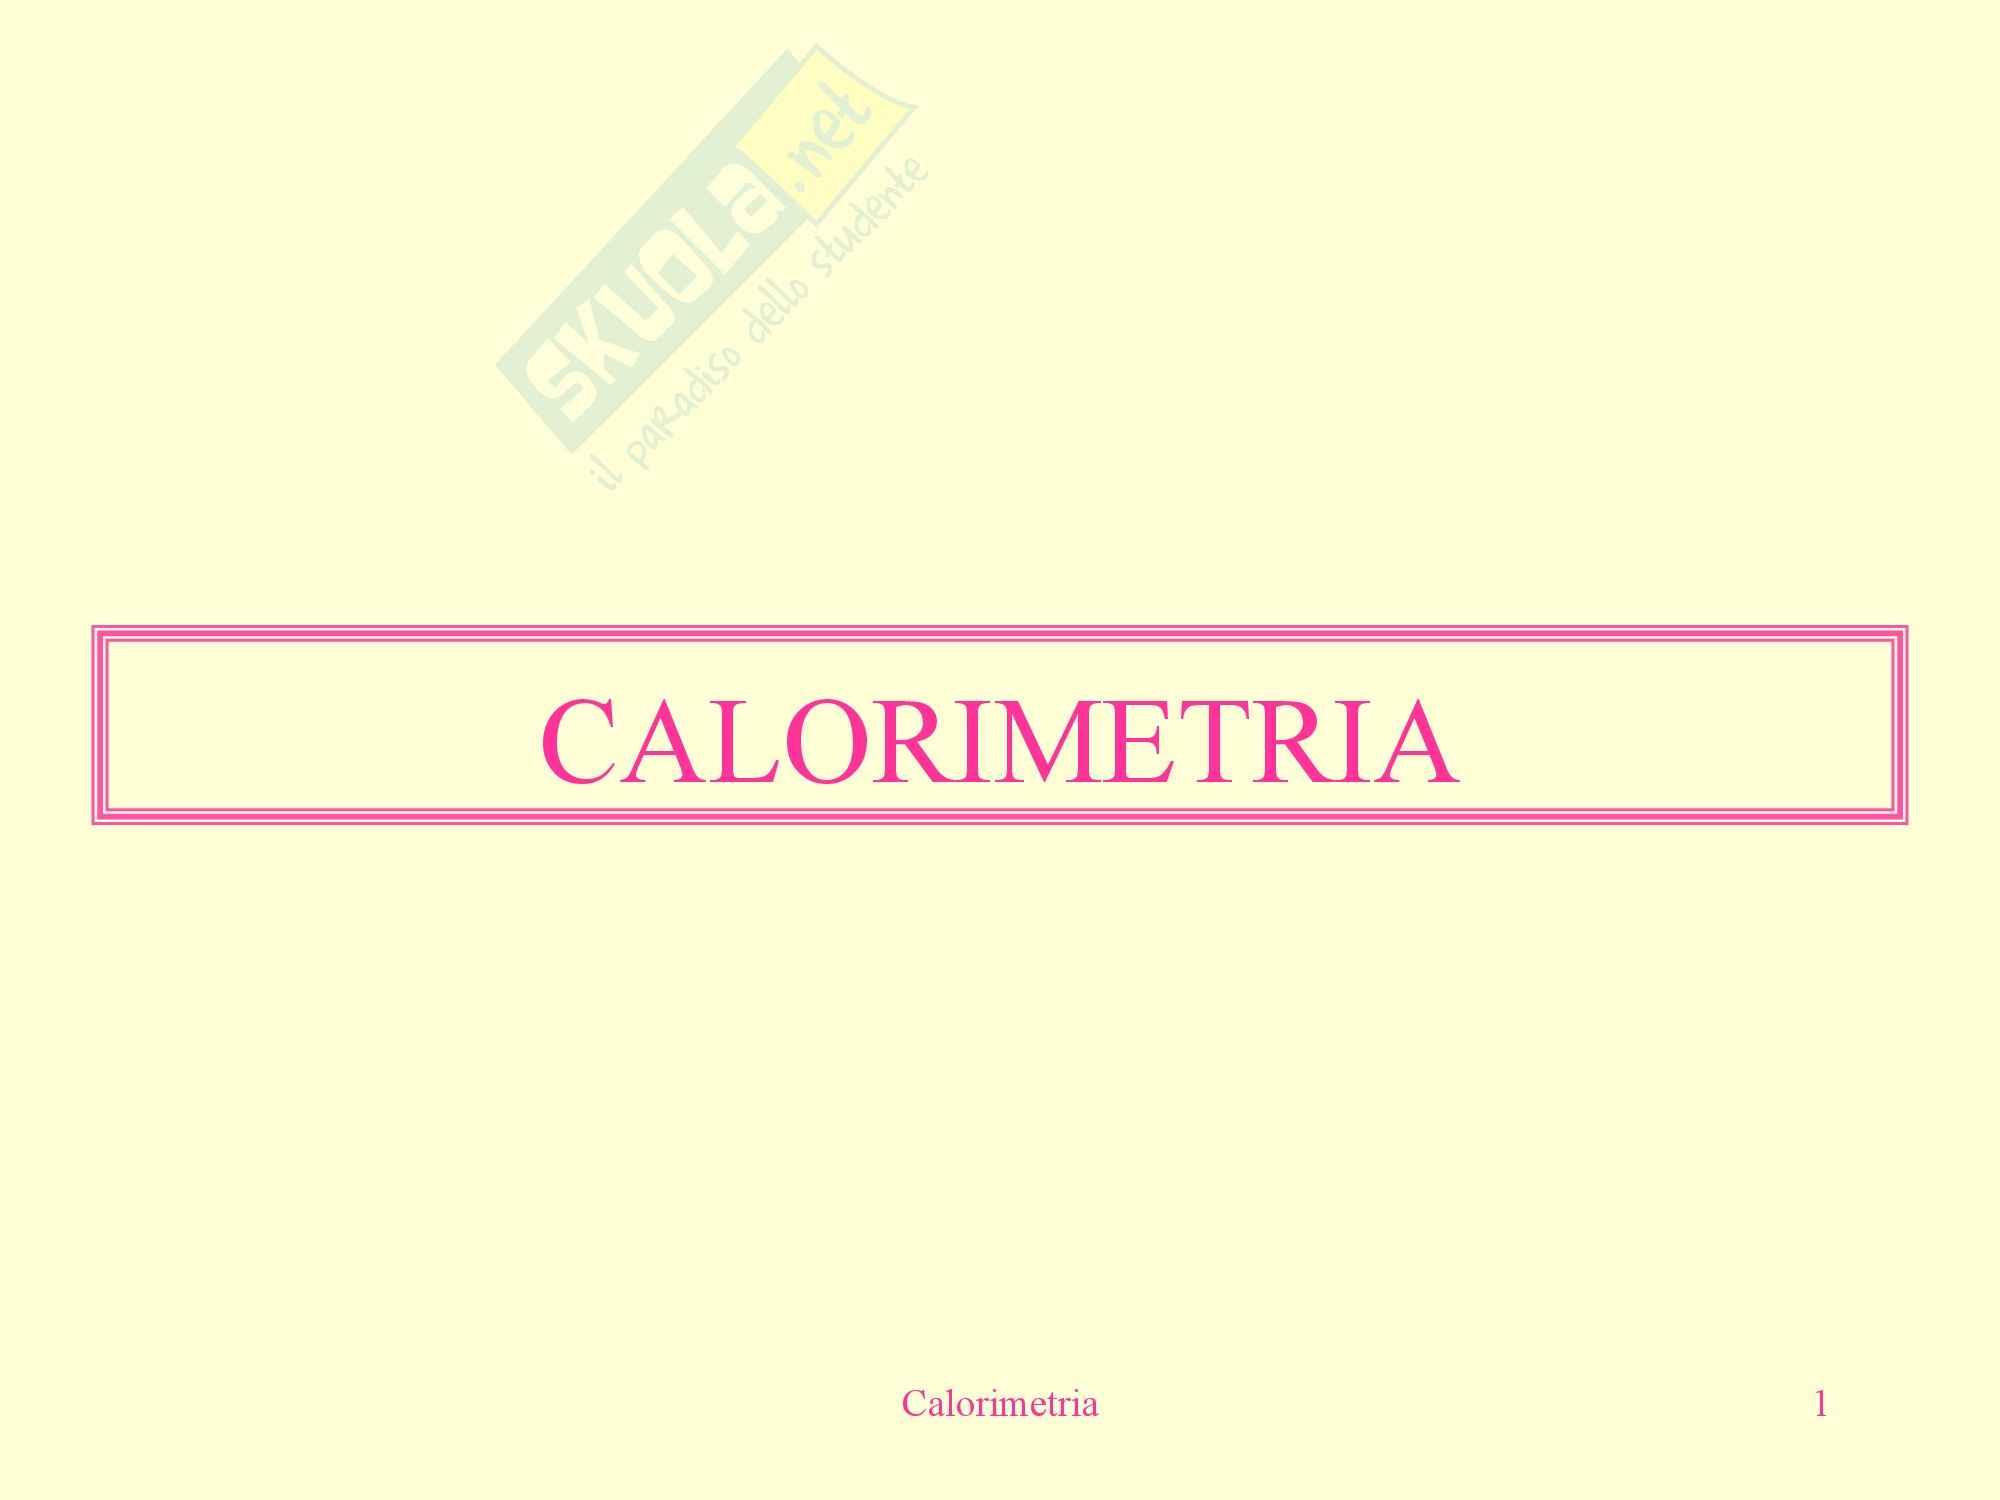 Fisica medica - calorimetria